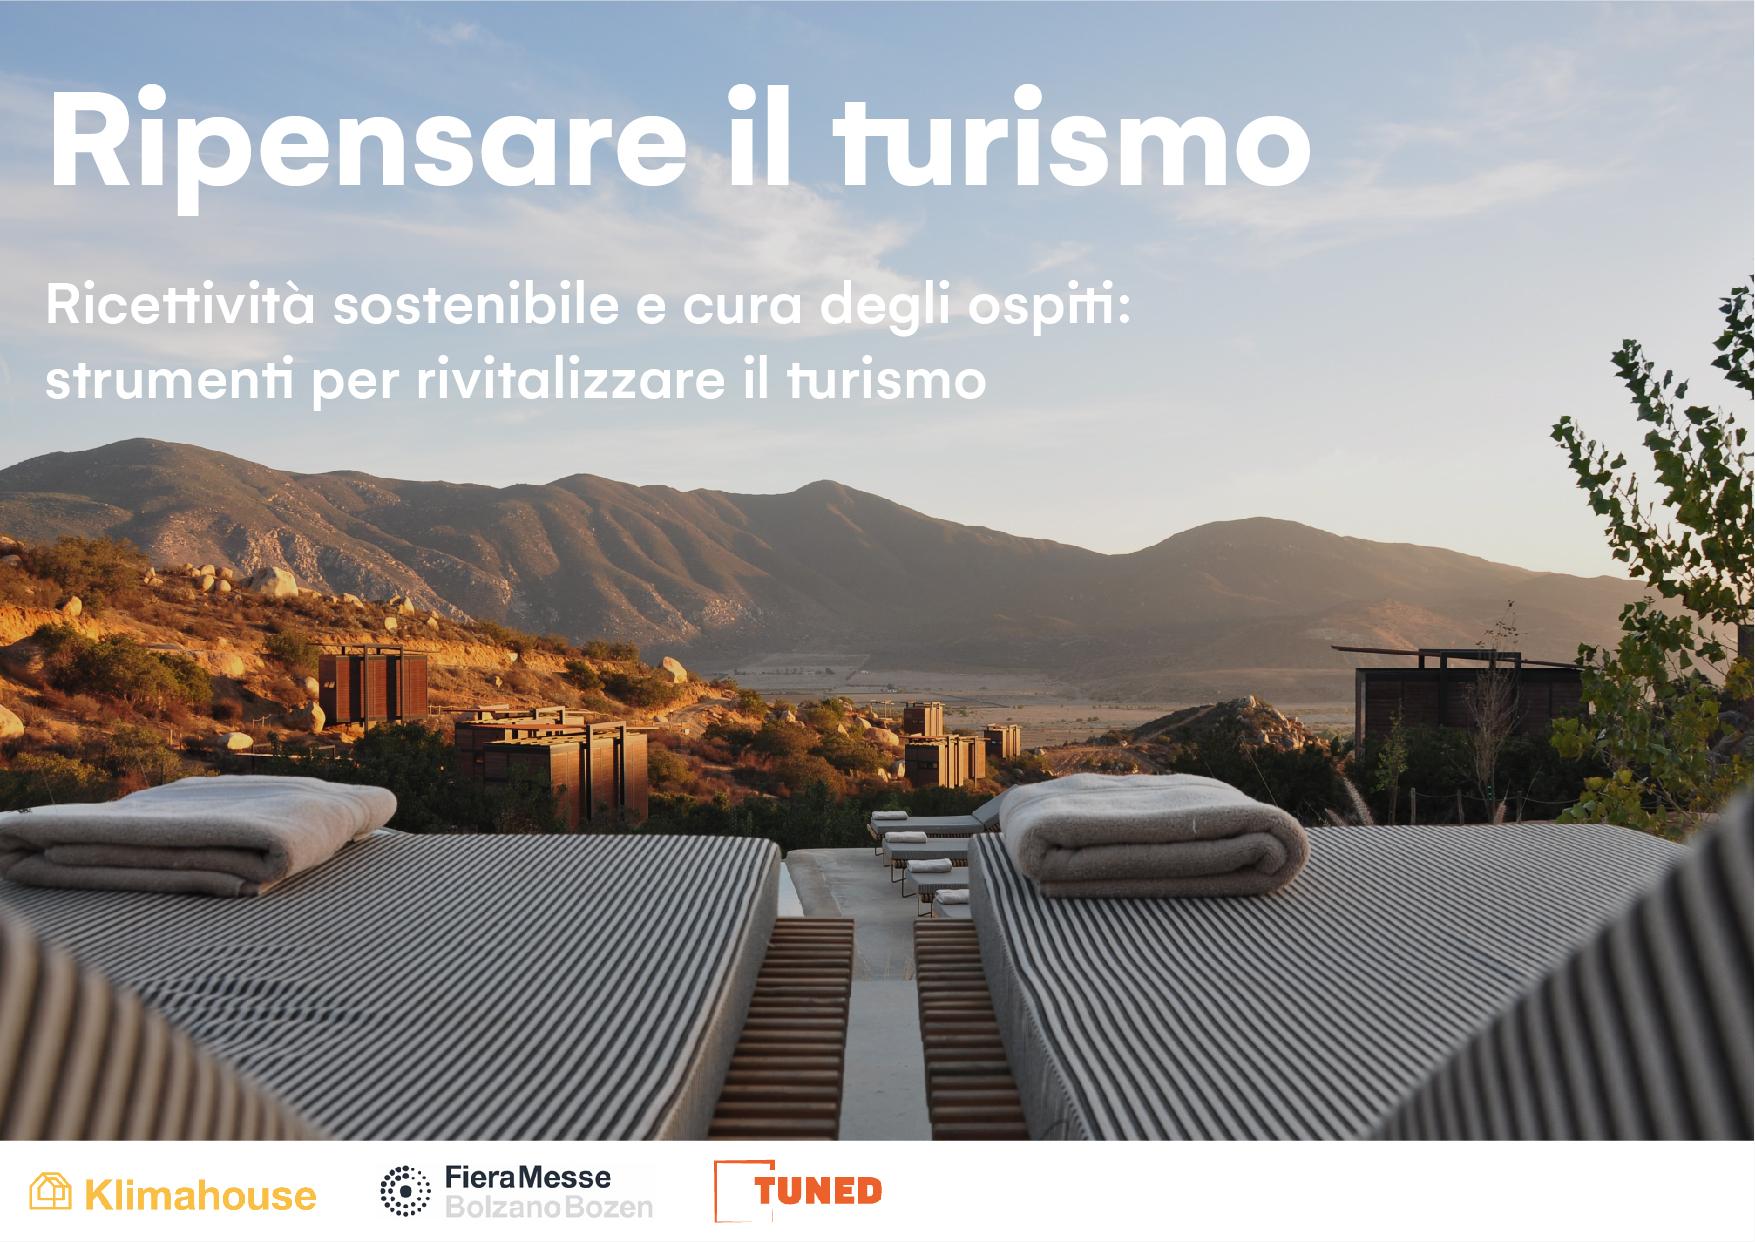 Ricettività sostenibile e cura degli ospiti: strumenti per rivitalizzare il turismo - TUNED KlimaHouse Cover ITA 201110 V.2